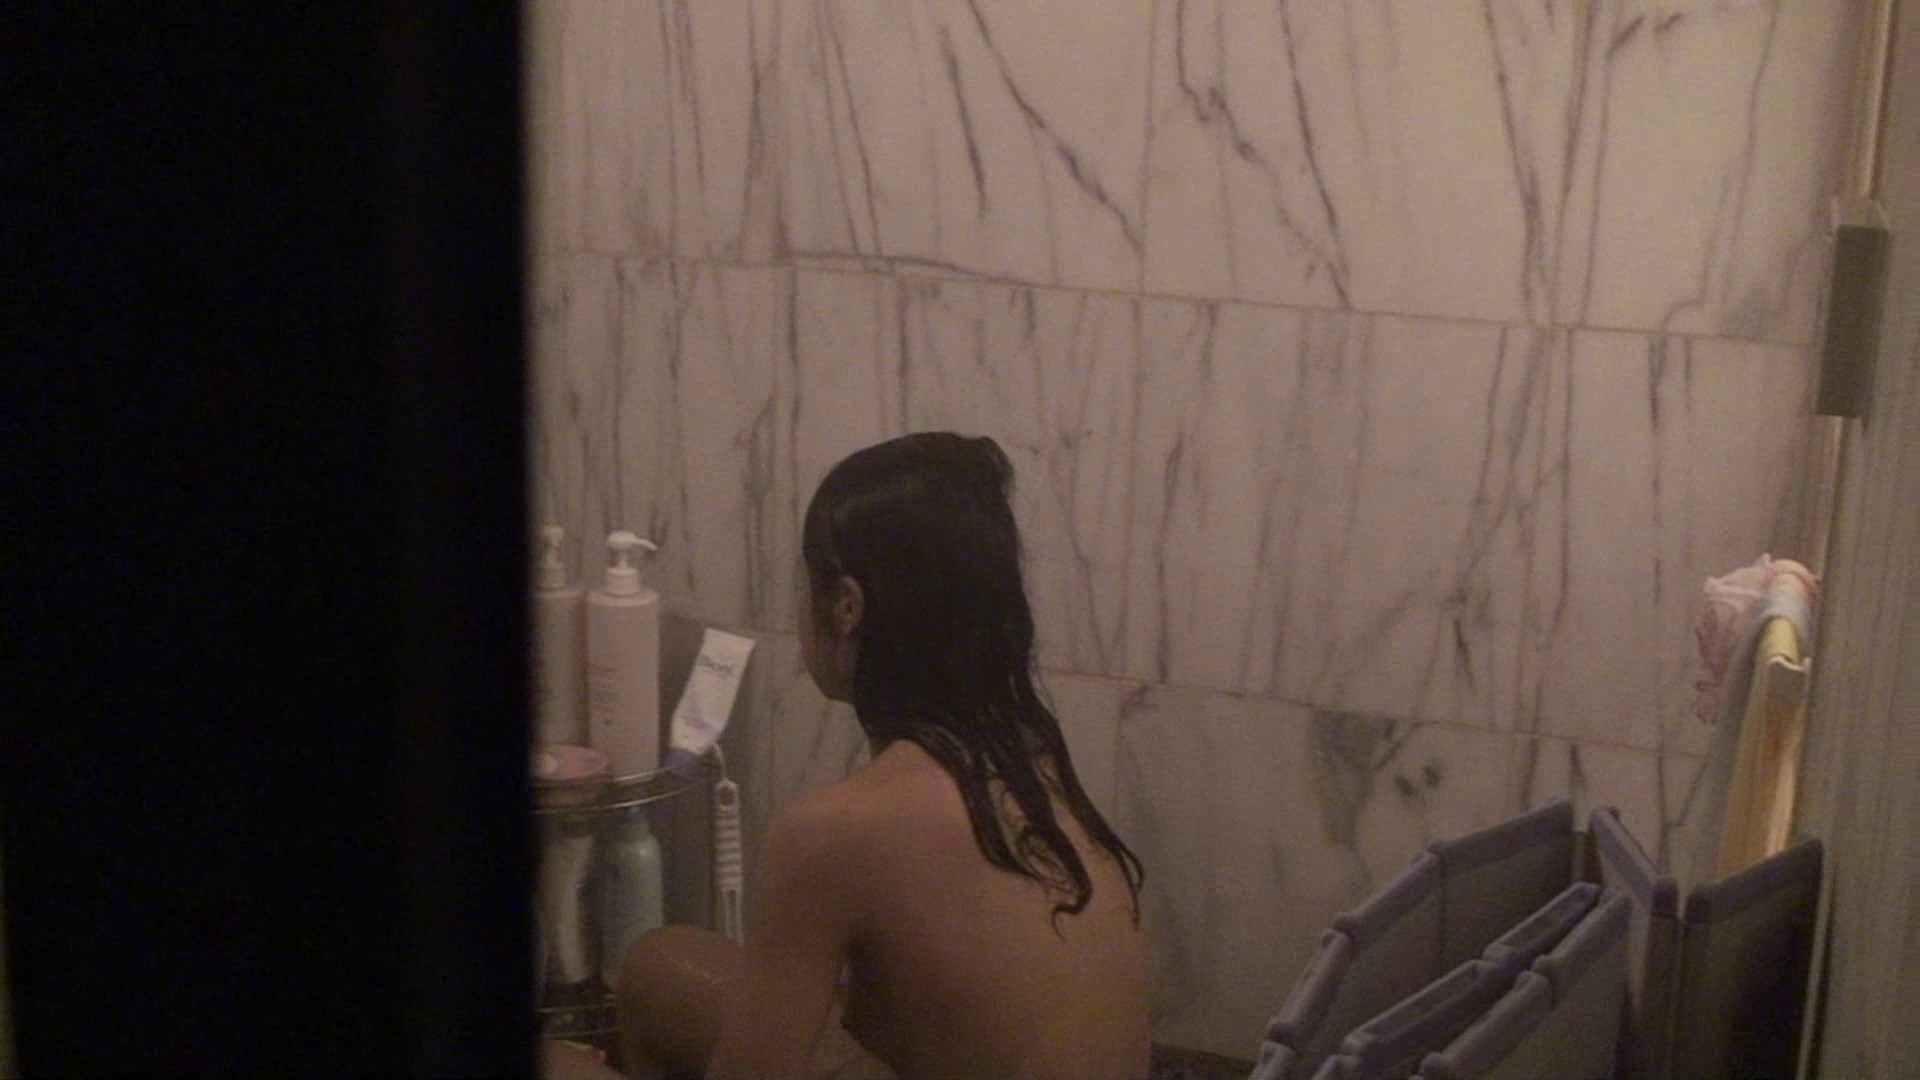 vol.03歌いながらつるつるのおっぱいを洗い流す彼女!近すぎてバレちゃた!? 細身女性 性交動画流出 72画像 57